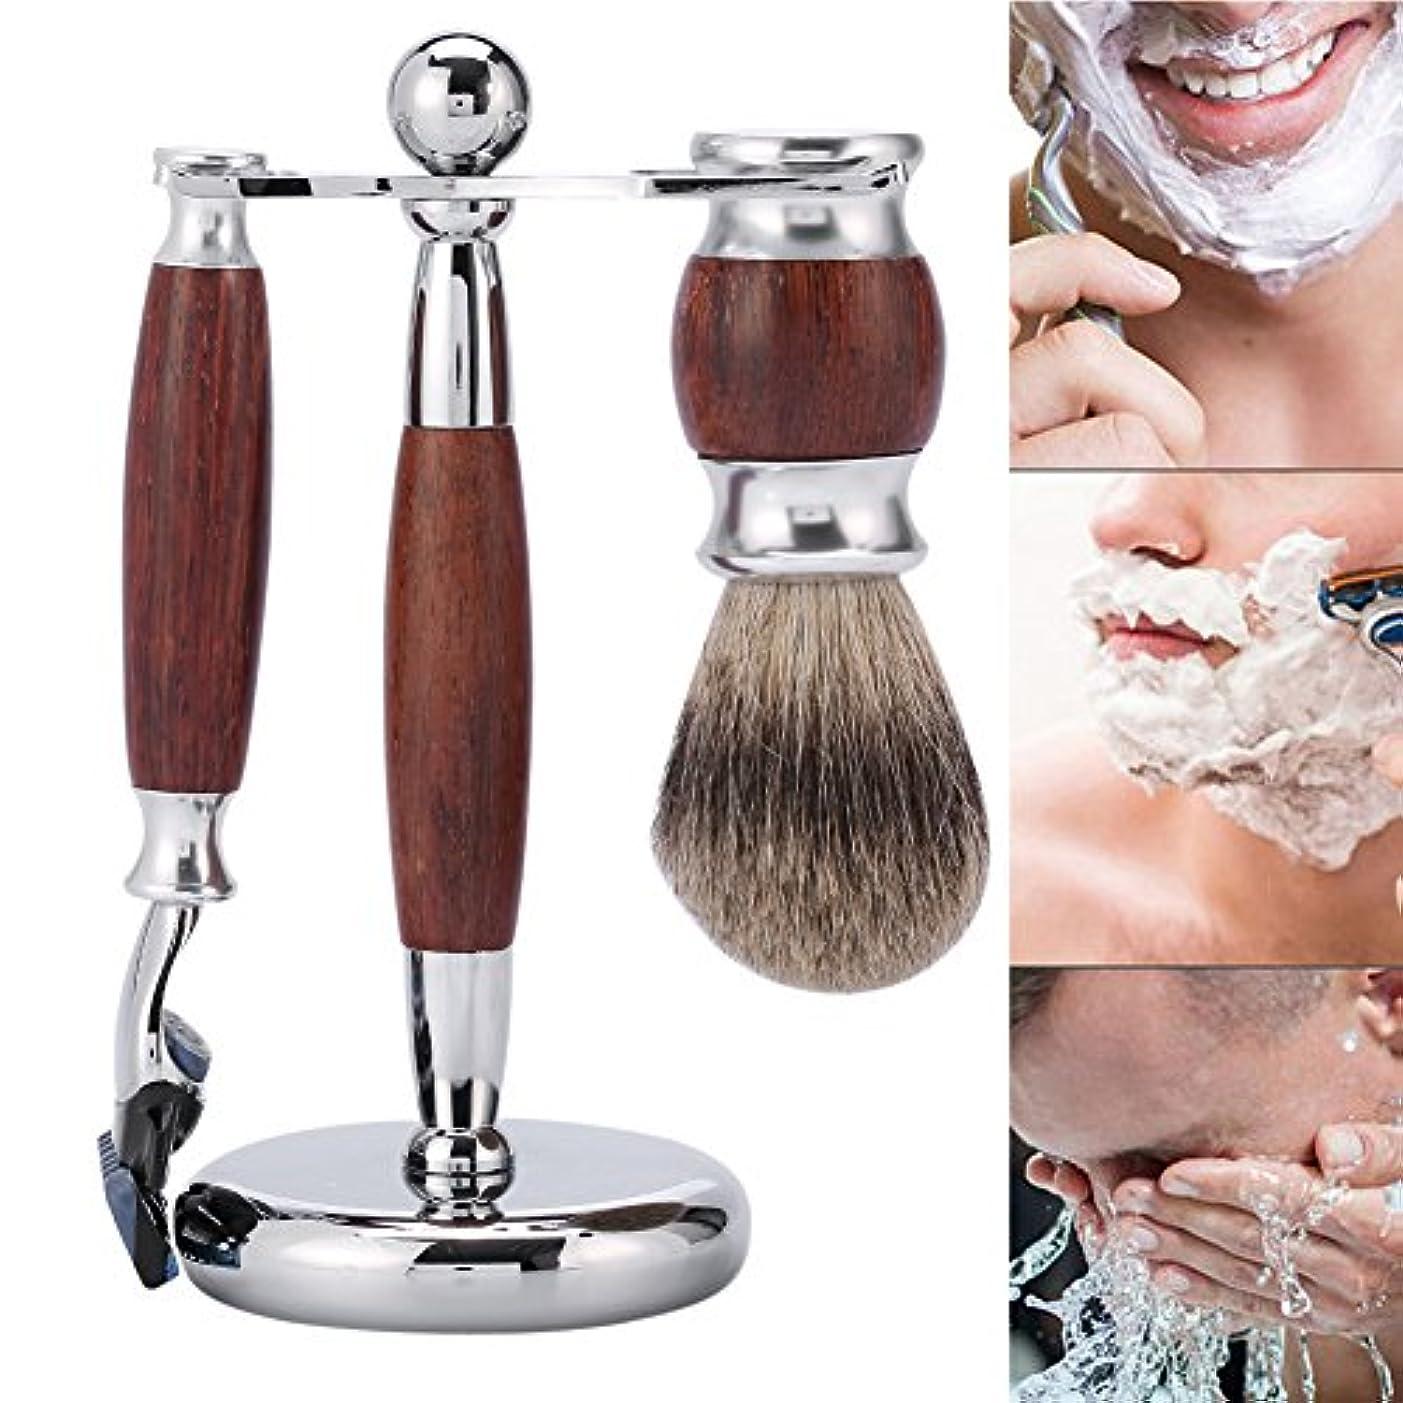 方向最少吸うプロのひげを剃る、剃刀安全5層かみそり+マホガニーシェービングブラシとシェービングスリーブホルダーを剃ることは男性のための良い贈り物です